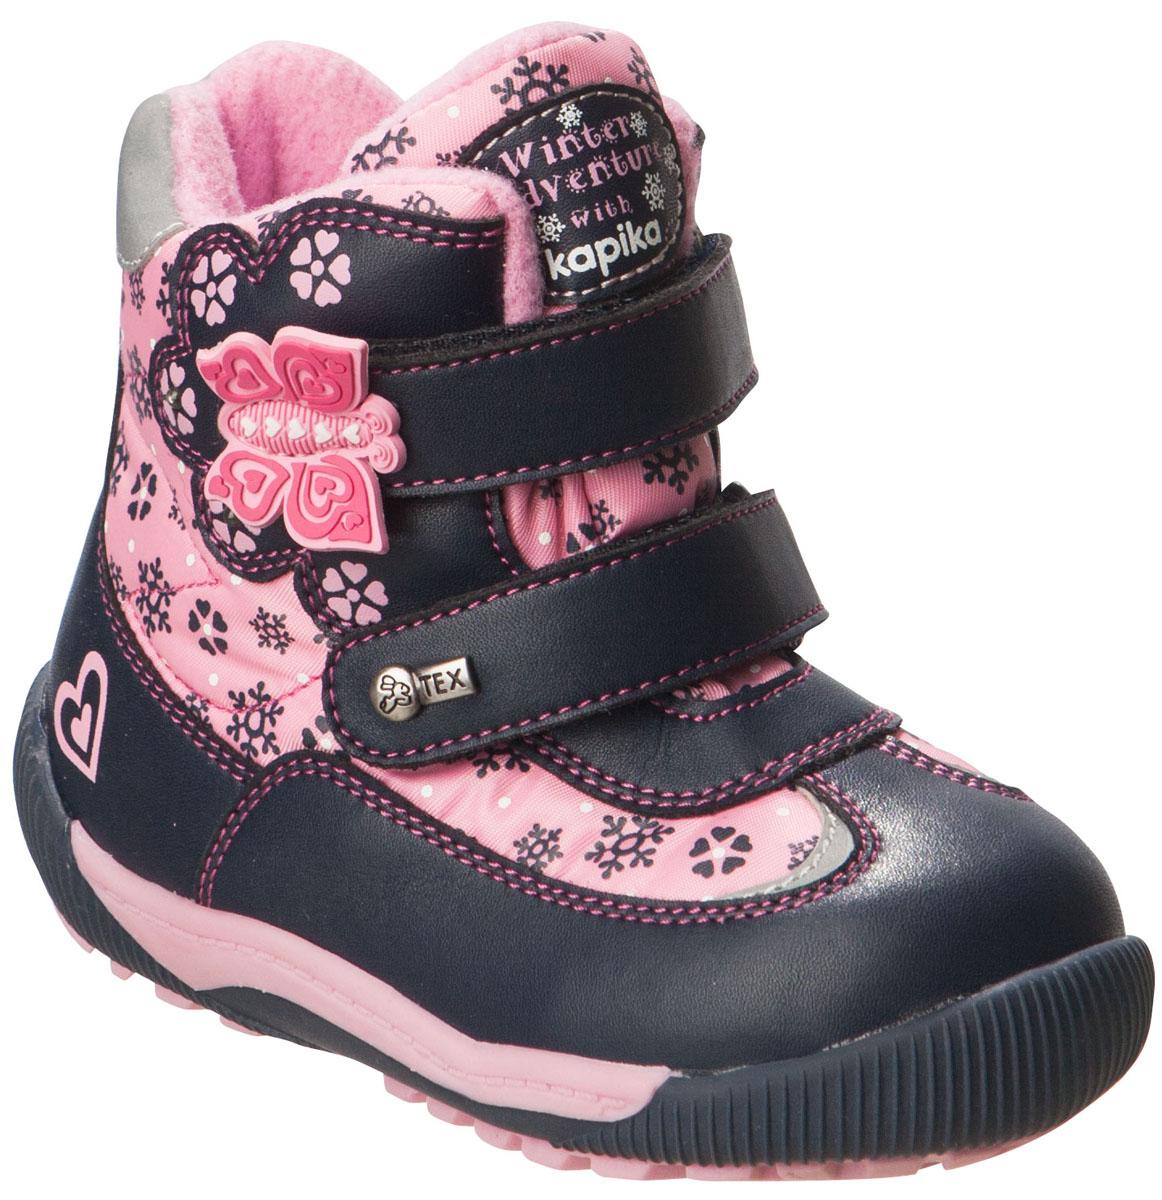 Ботинки41154-2Удобные высокие ботинки от Kapika придутся по душе вашей дочурке! Модель изготовлена из искусственной кожи и плотного текстиля с применением мембраны. Мембранная обувь называется дышащей, защищает от влаги, своевременно отводит естественные испарения тела и сохраняет комфортный микроклимат при ношении. Изделие оформлено принтом с изображением снежинок и цветов, прострочкой, на язычке - фирменной нашивкой, на ремешках - объёмной аппликацией из ПВХ виде бабочки и металлическим элементом логотипа бренда. Два ремешка на застежках-липучках надежно фиксируют изделие на ноге. Мягкая подкладка и стелька исполненные из текстиля, на 80% состоящего из натурального овечьего шерстяного меха, обеспечивают тепло и надежно защищают от холода. Рифление на подошве гарантирует идеальное сцепление с любыми поверхностями. Стильные ботинки займут достойное место в гардеробе вашего ребенка, они идеально подойдут для теплой зимы, а также поздней осени и ранней весны.